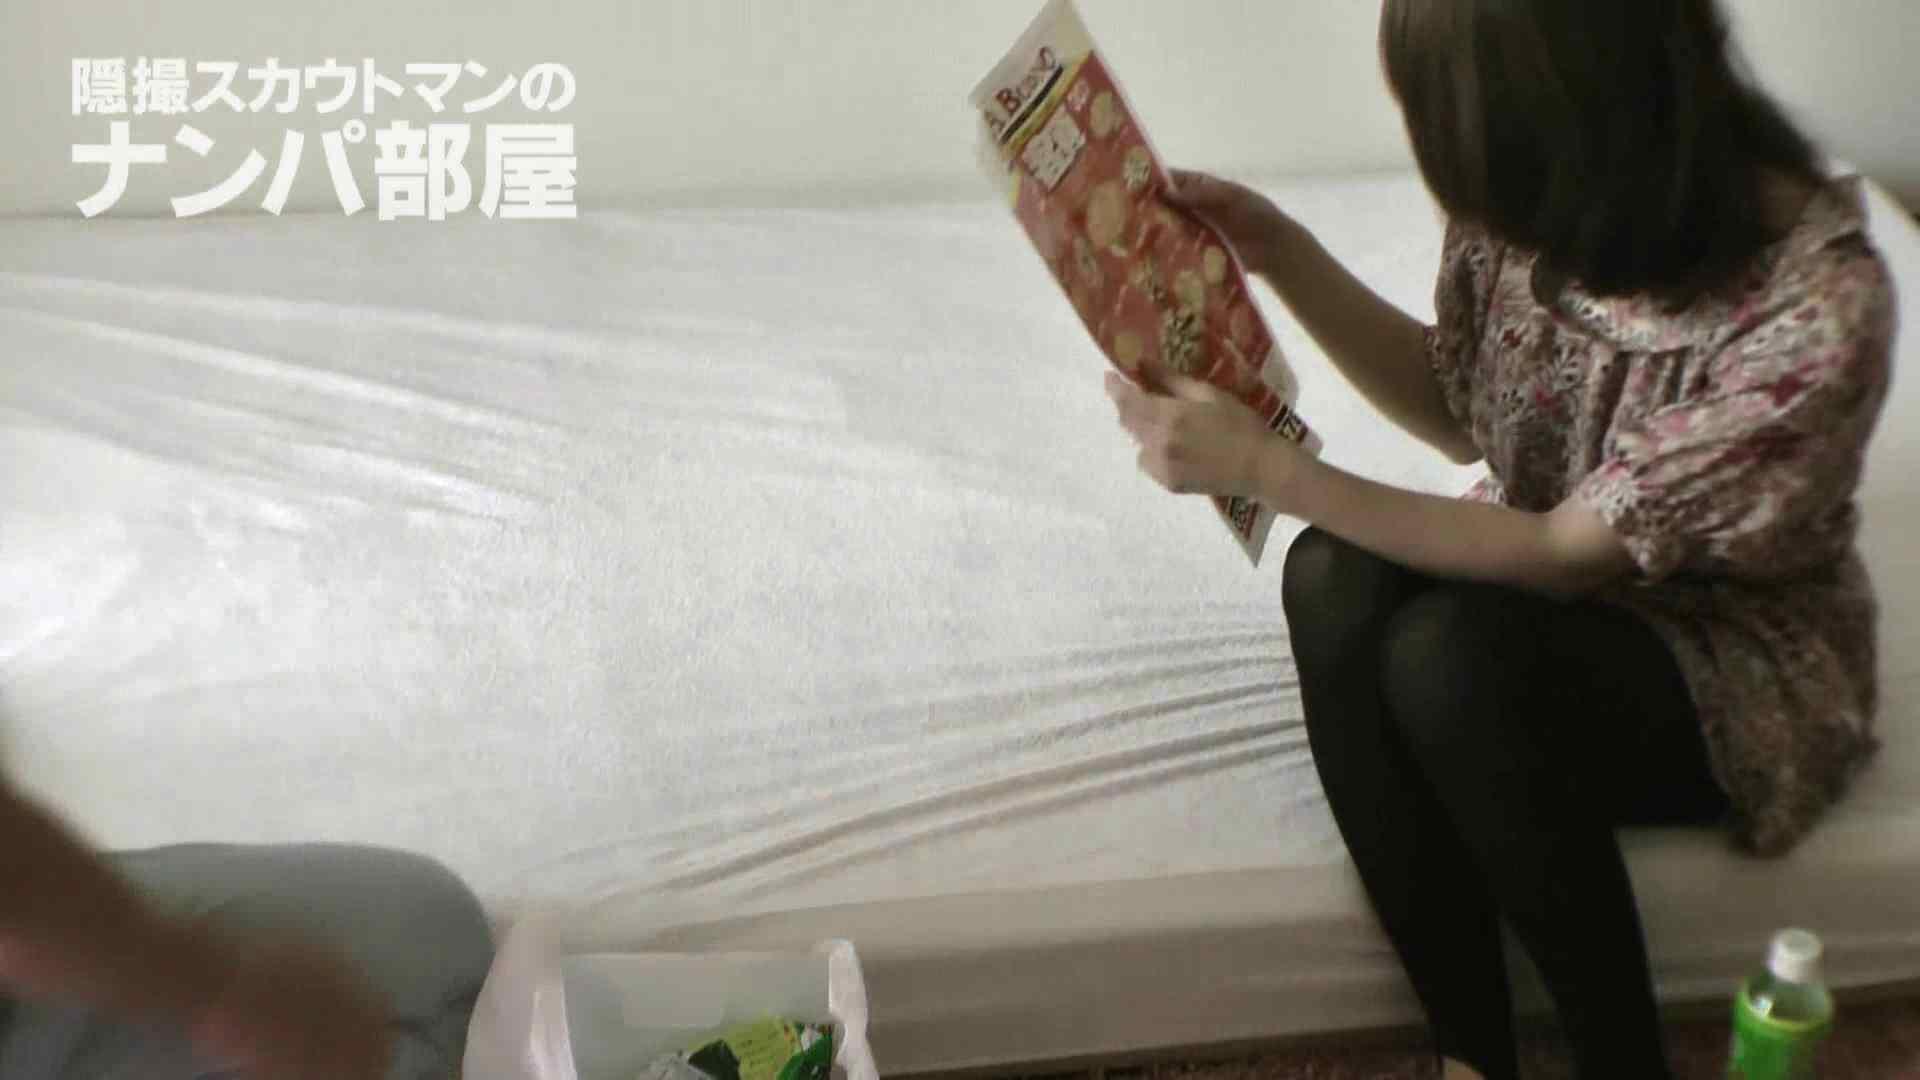 隠撮スカウトマンのナンパ部屋~風俗デビュー前のつまみ食い~ sii 脱衣所 | 隠撮  68画像 9